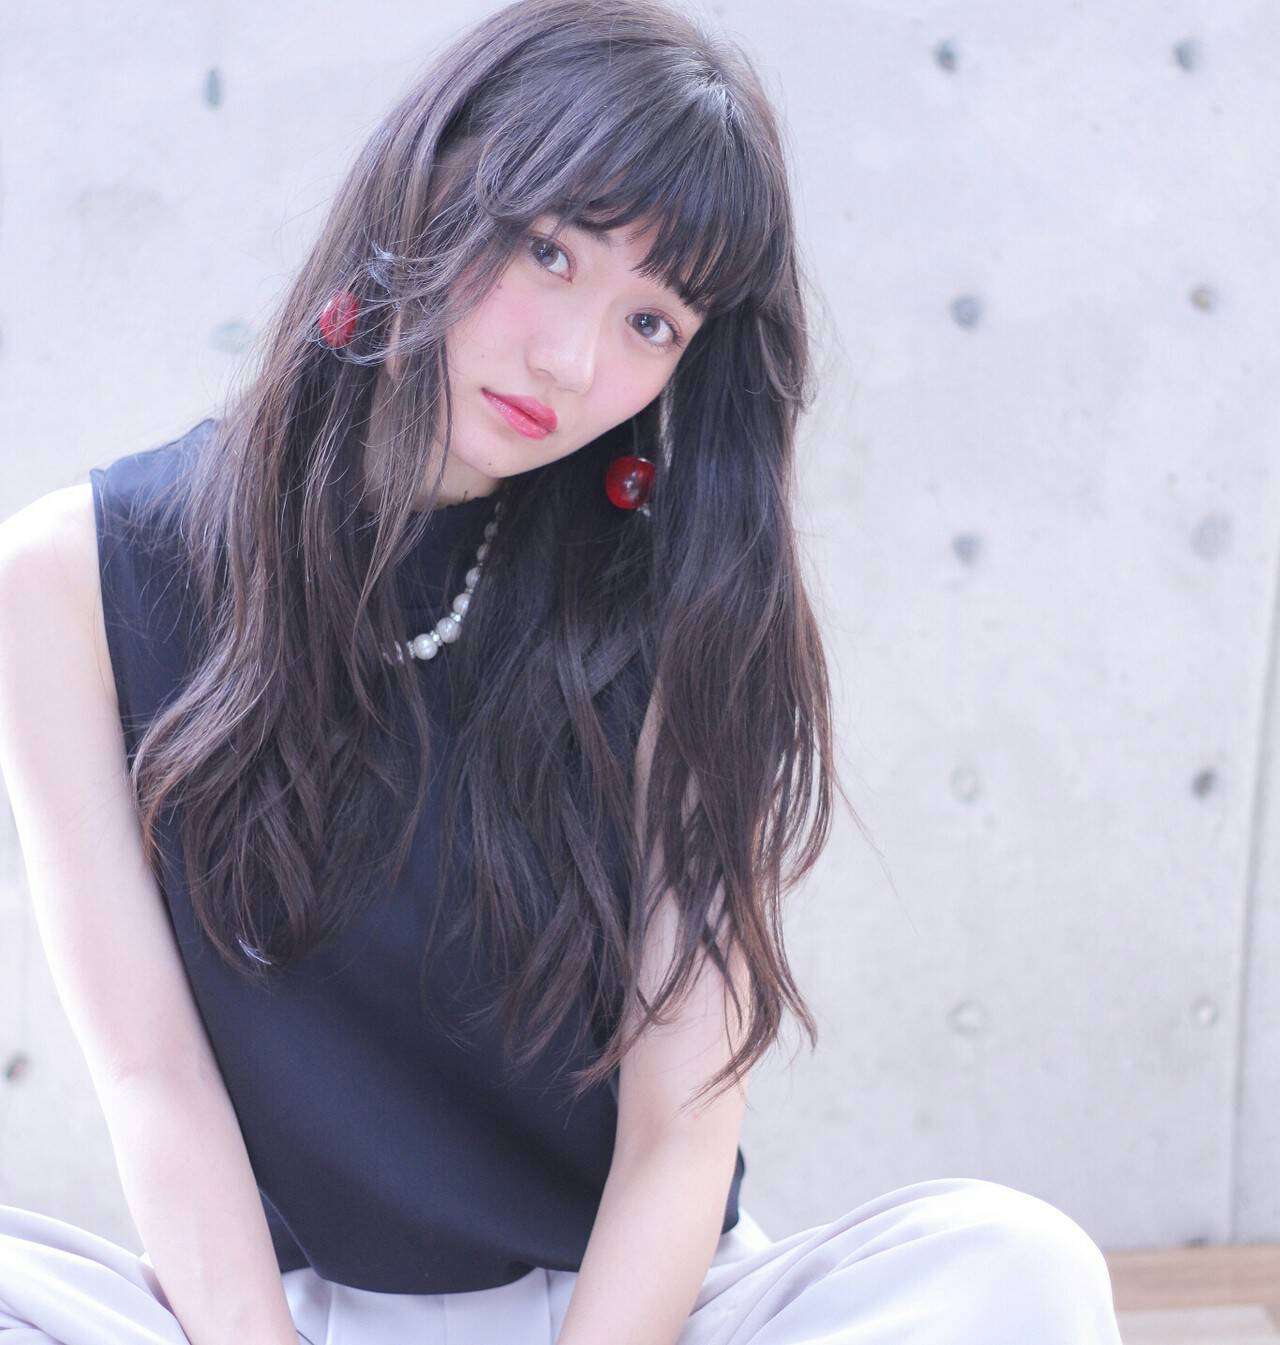 黒髪 フェザーバング ストレート アッシュグレージュヘアスタイルや髪型の写真・画像